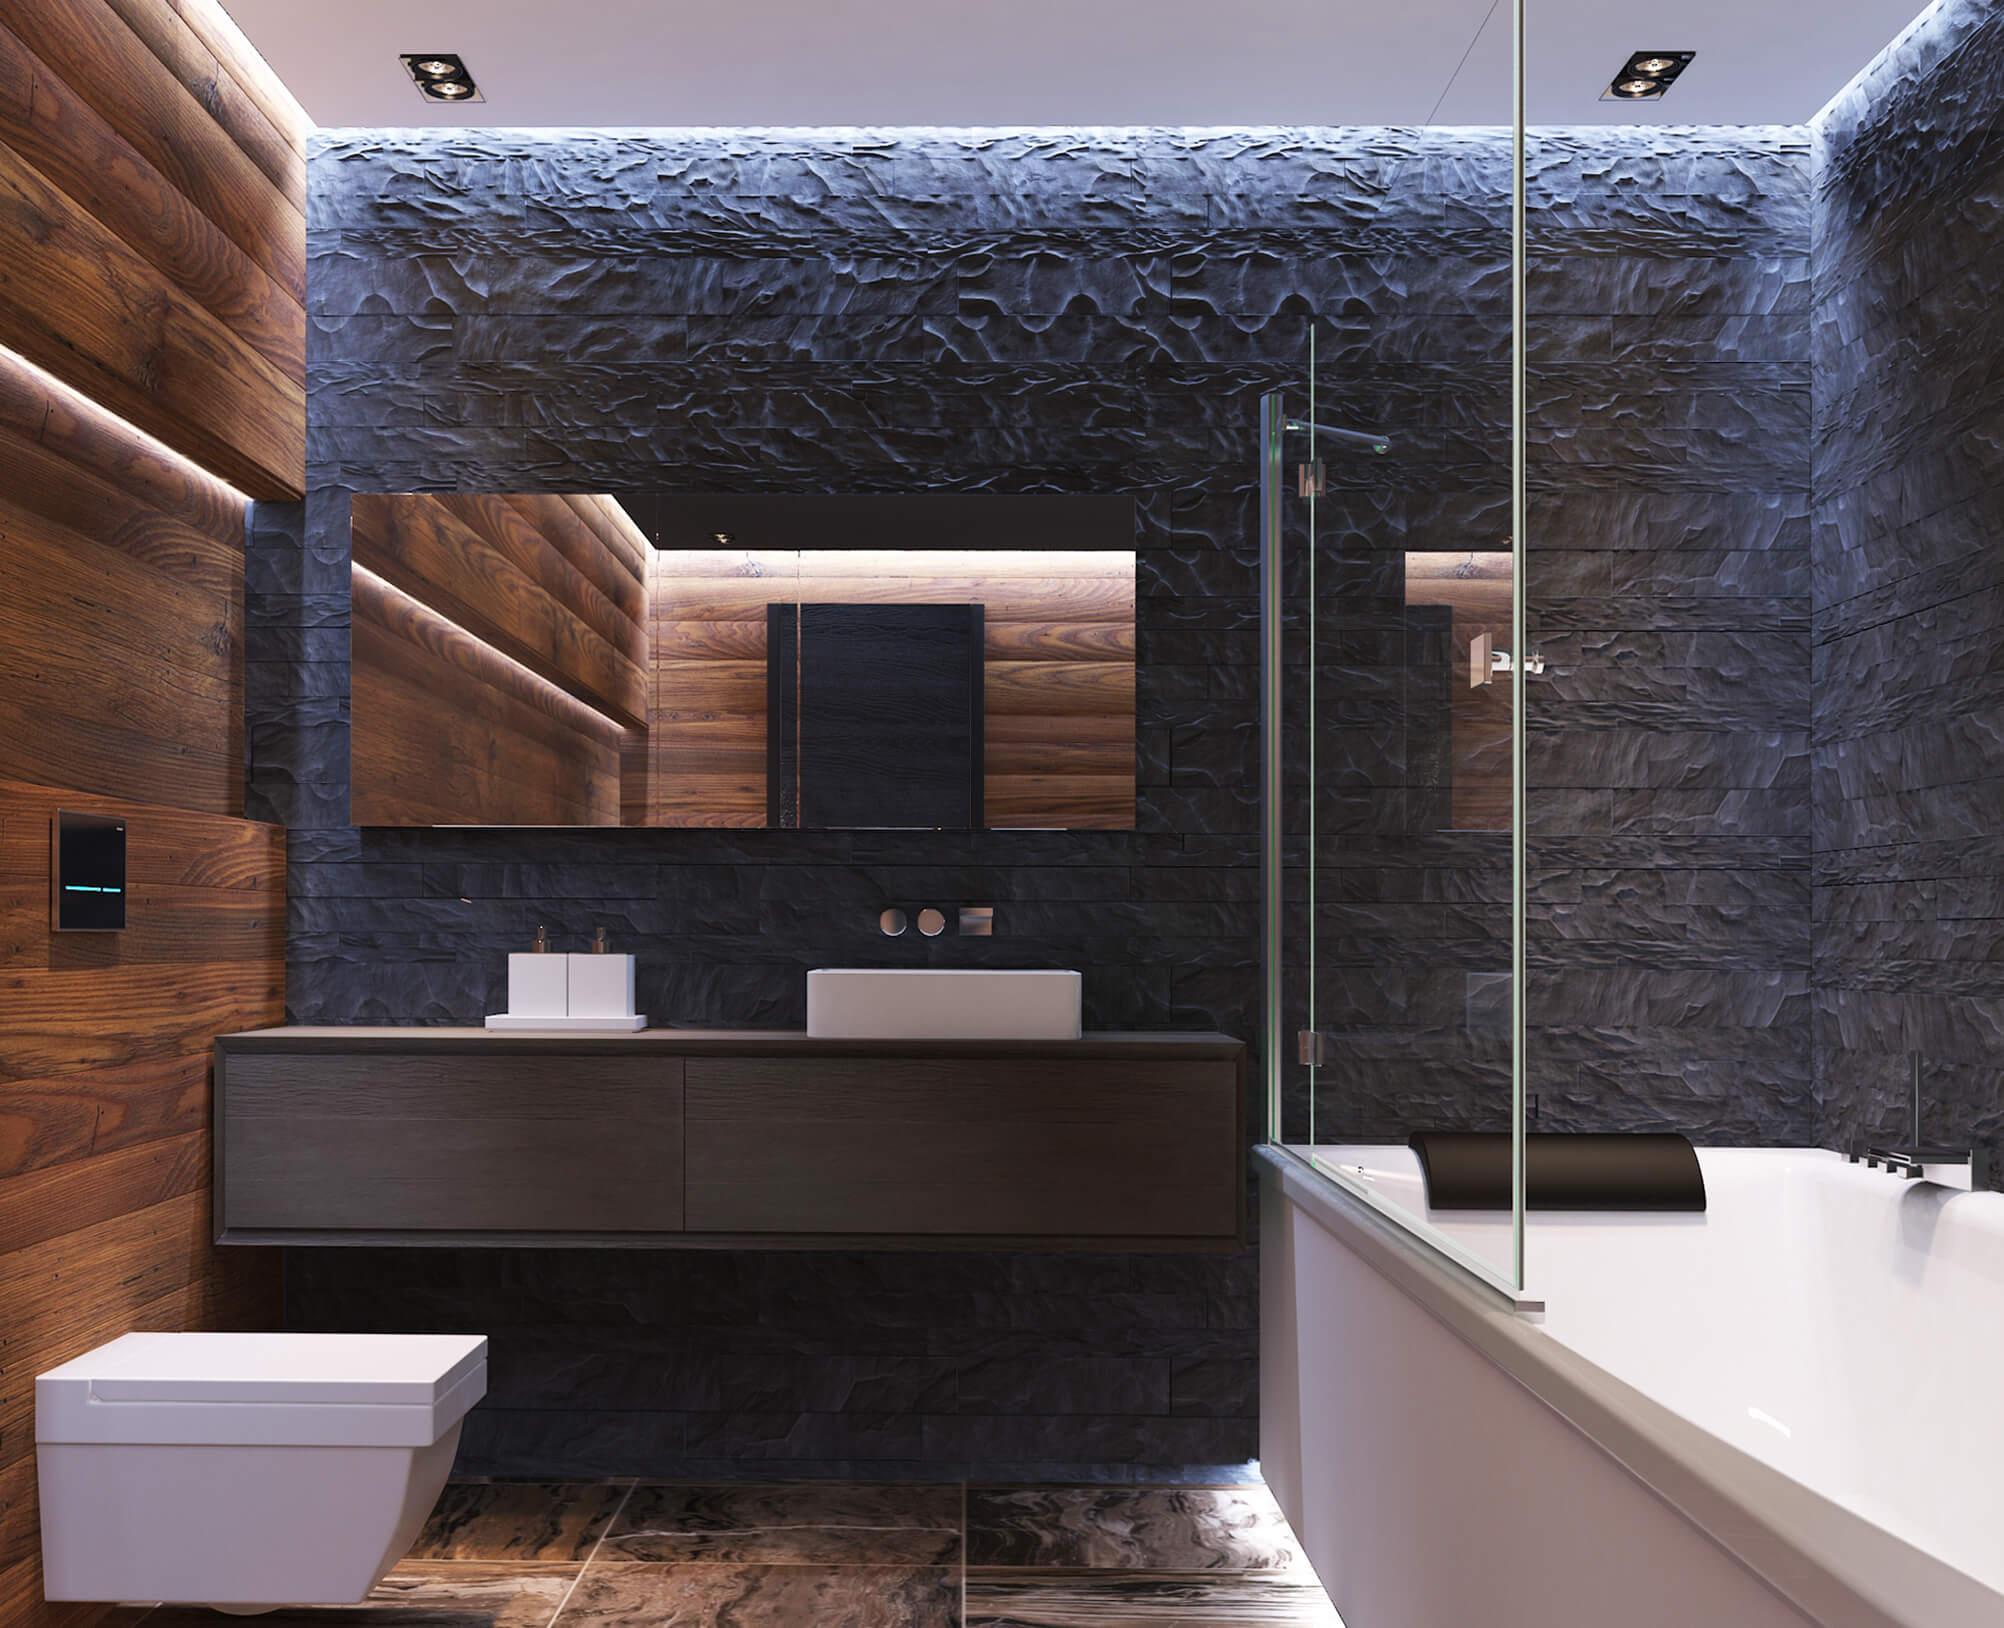 фото ванной в современном стиле с тумбой